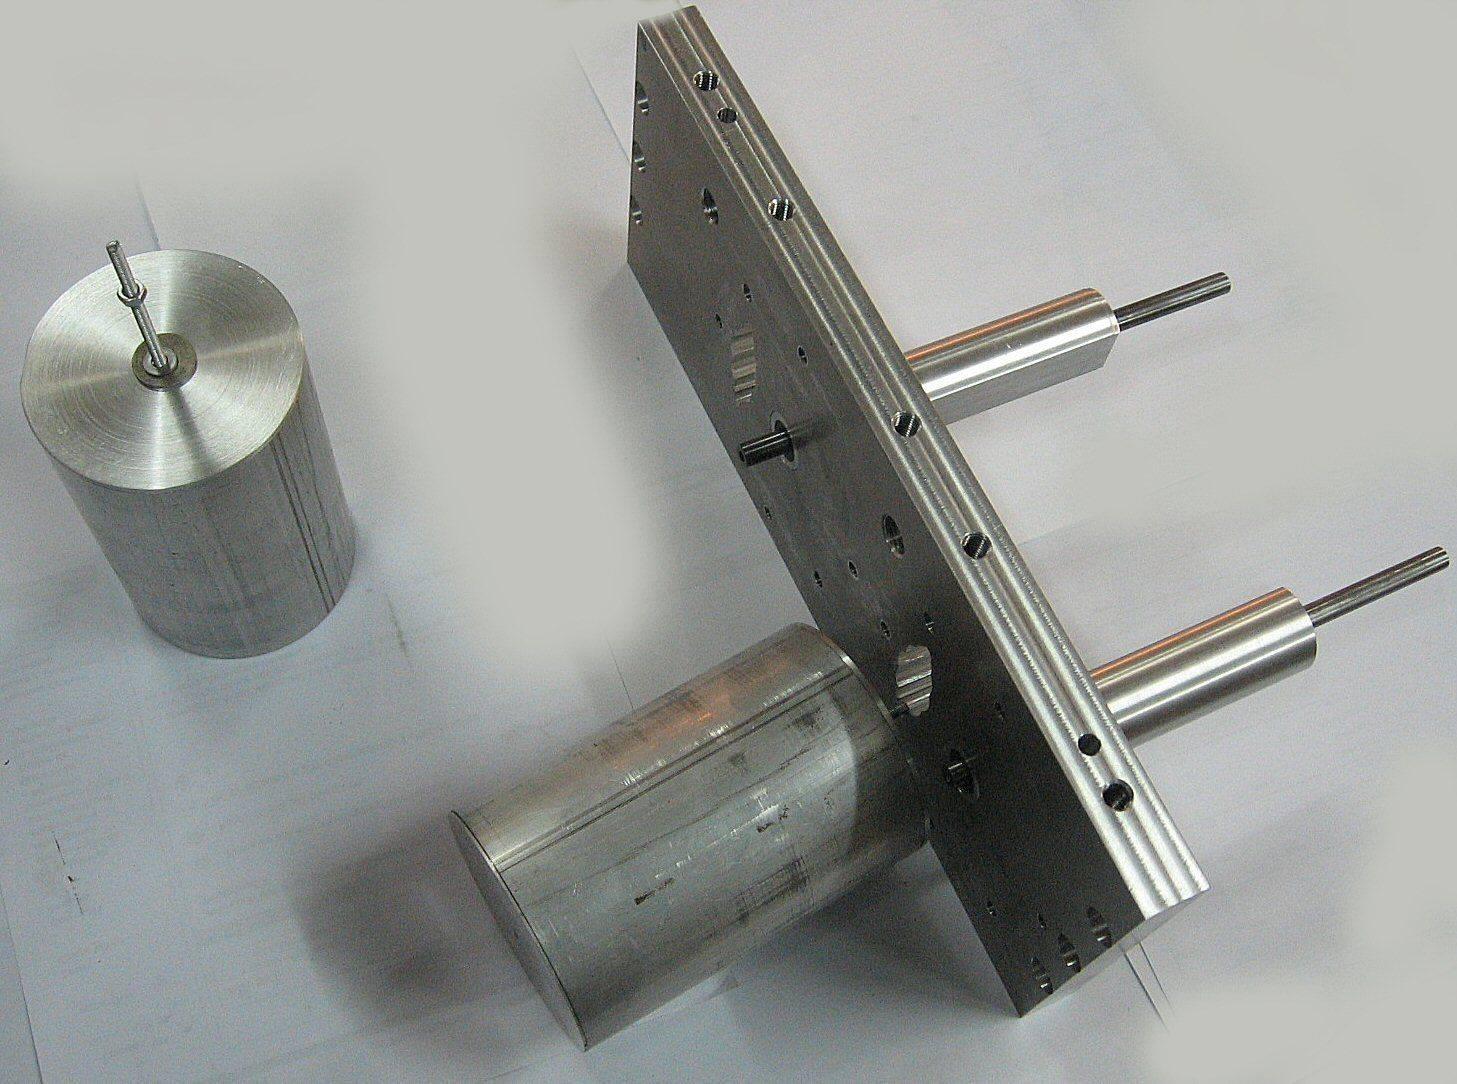 culasse stirling et pistons déplaceurs.jpg